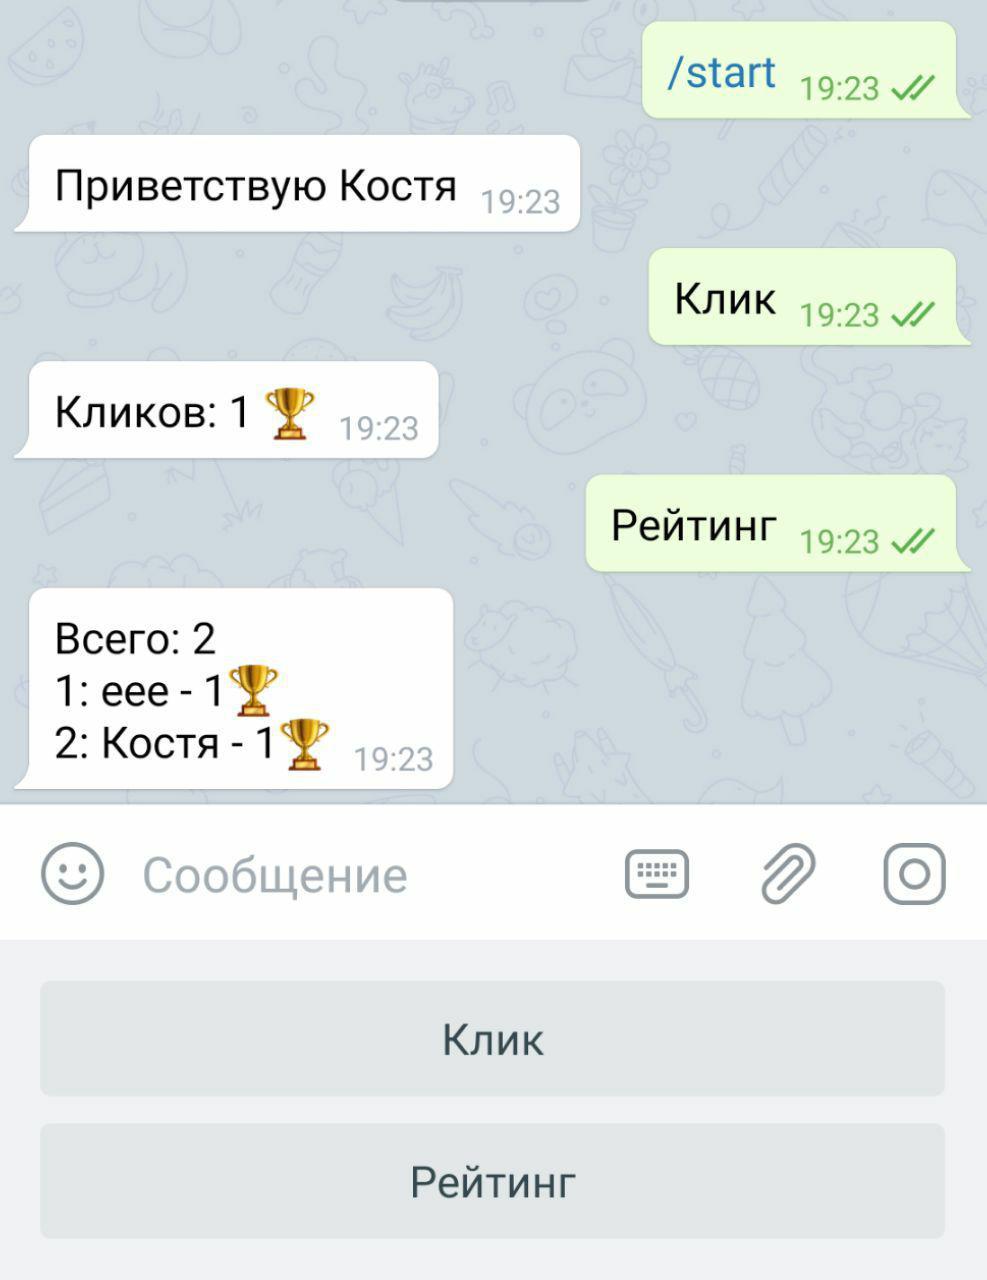 Telegram в качестве хранилища данных для IT проектов - 4